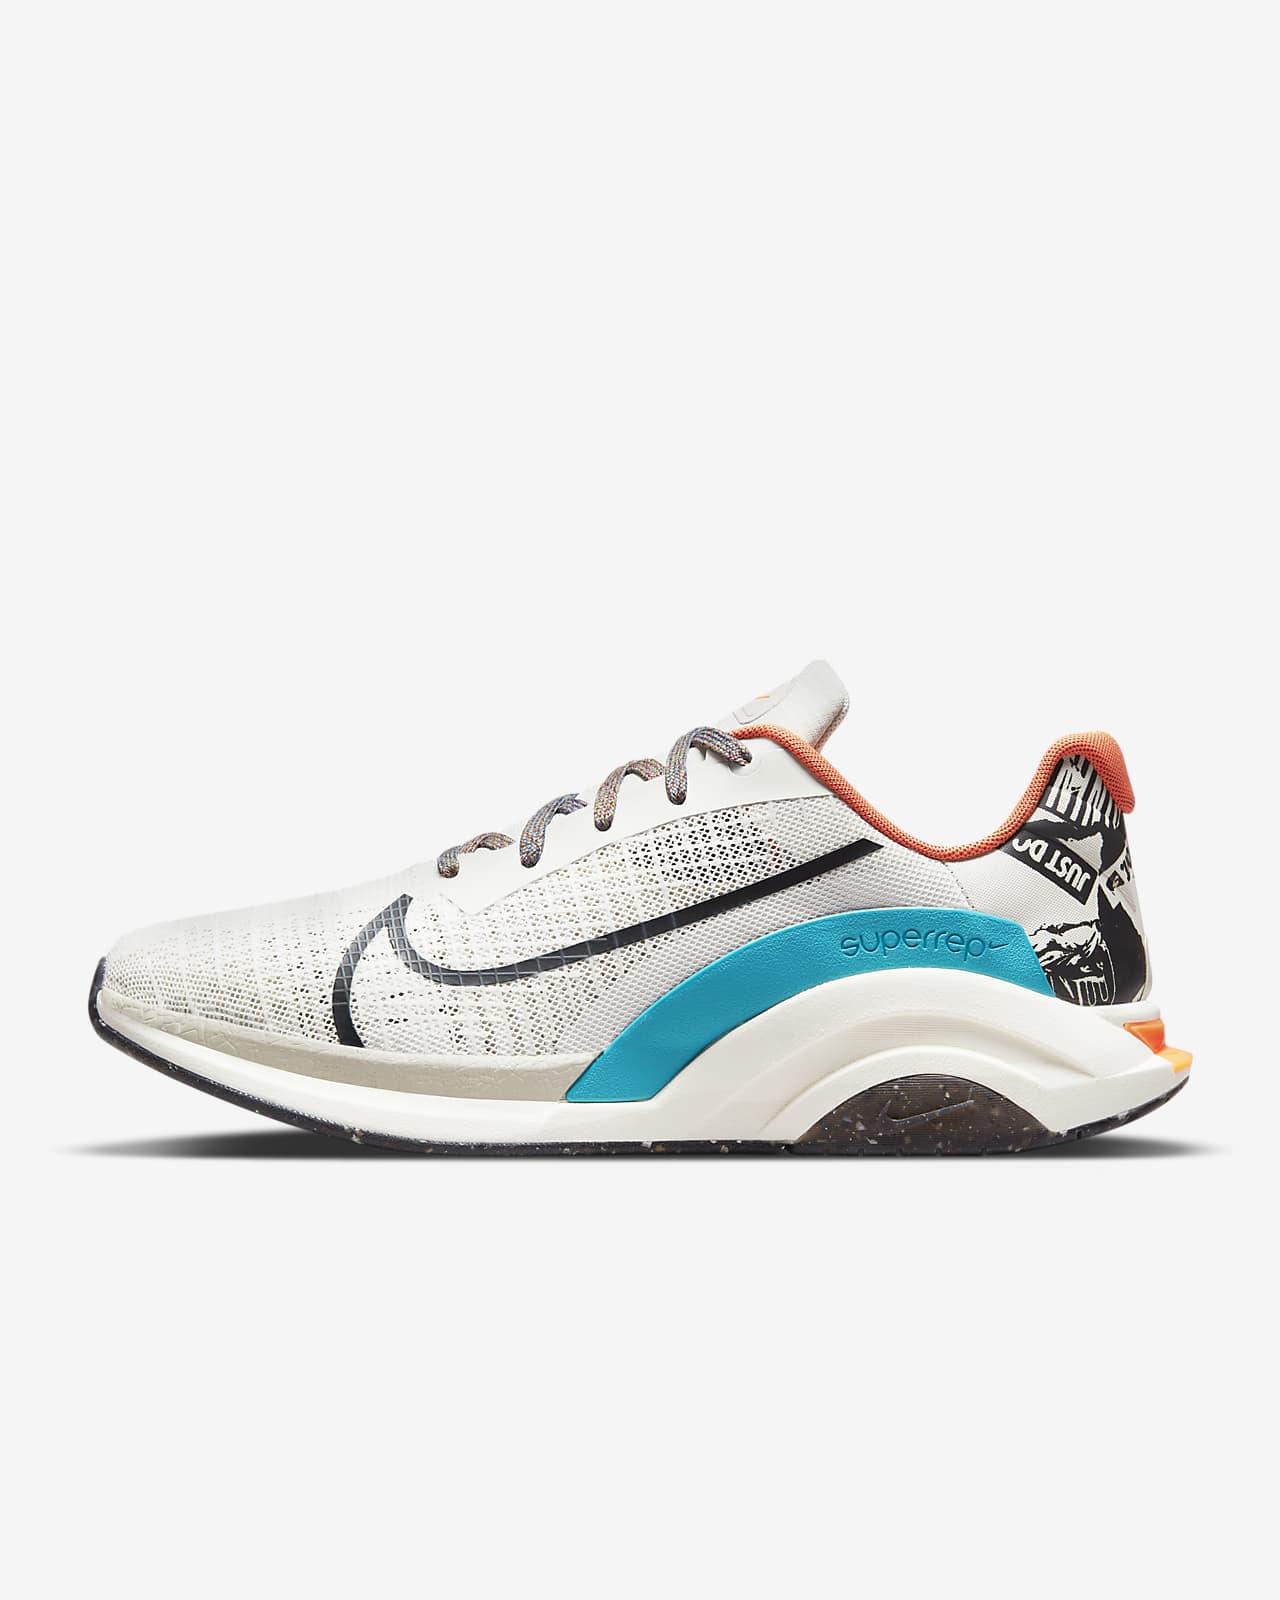 Sko Nike ZoomX SuperRep Surge för uthållighetsträning för män